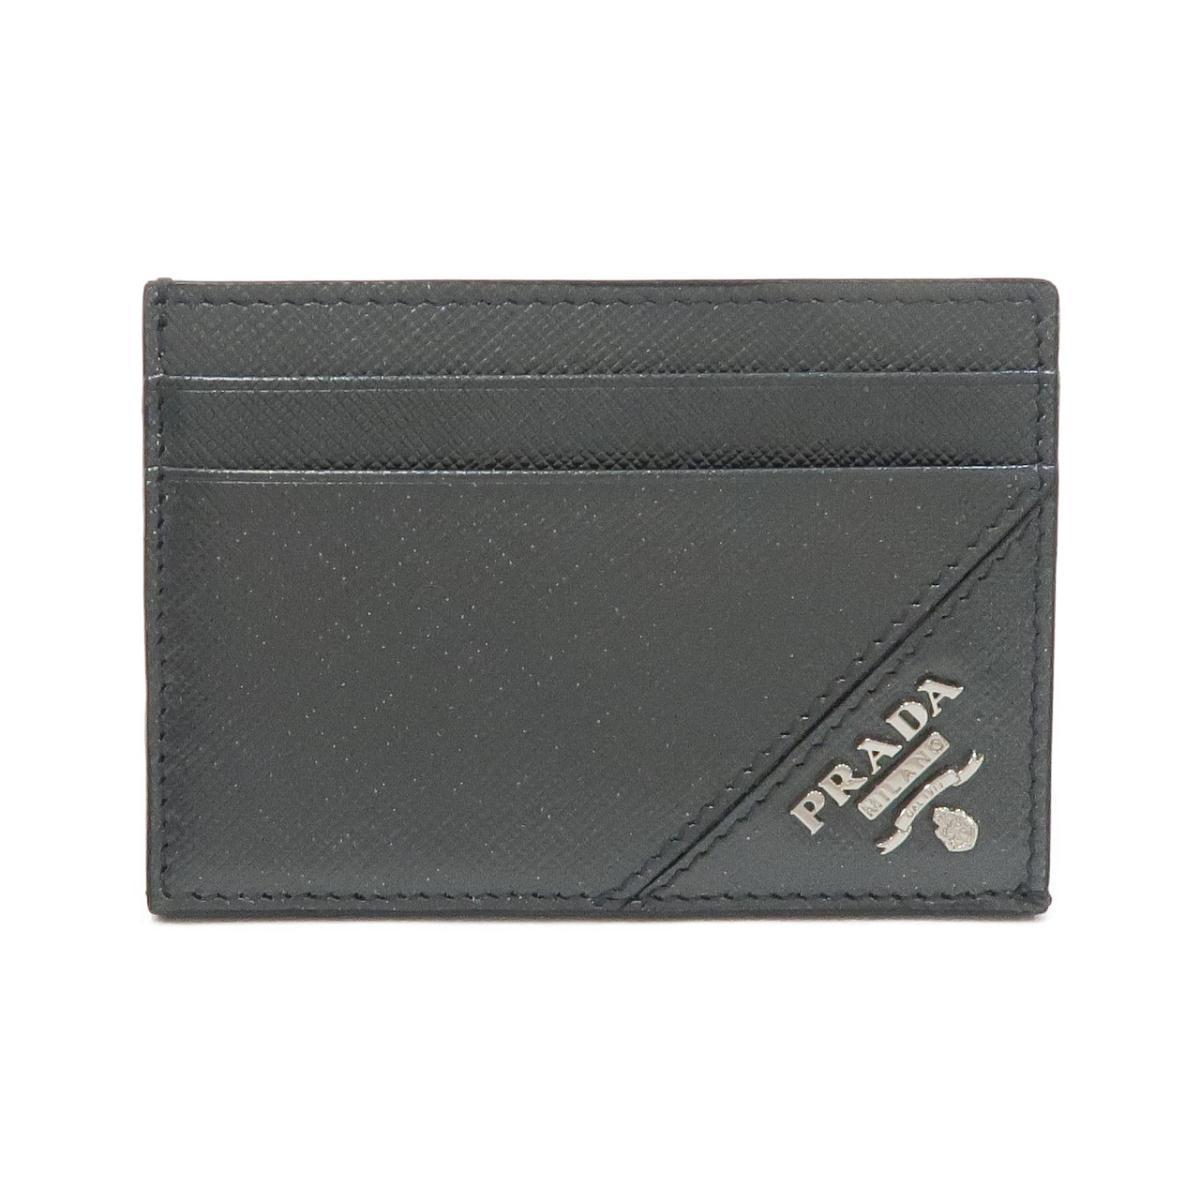 未使用品 プラダ メーカー再生品 新作入荷 カードケース 中古 2MC047